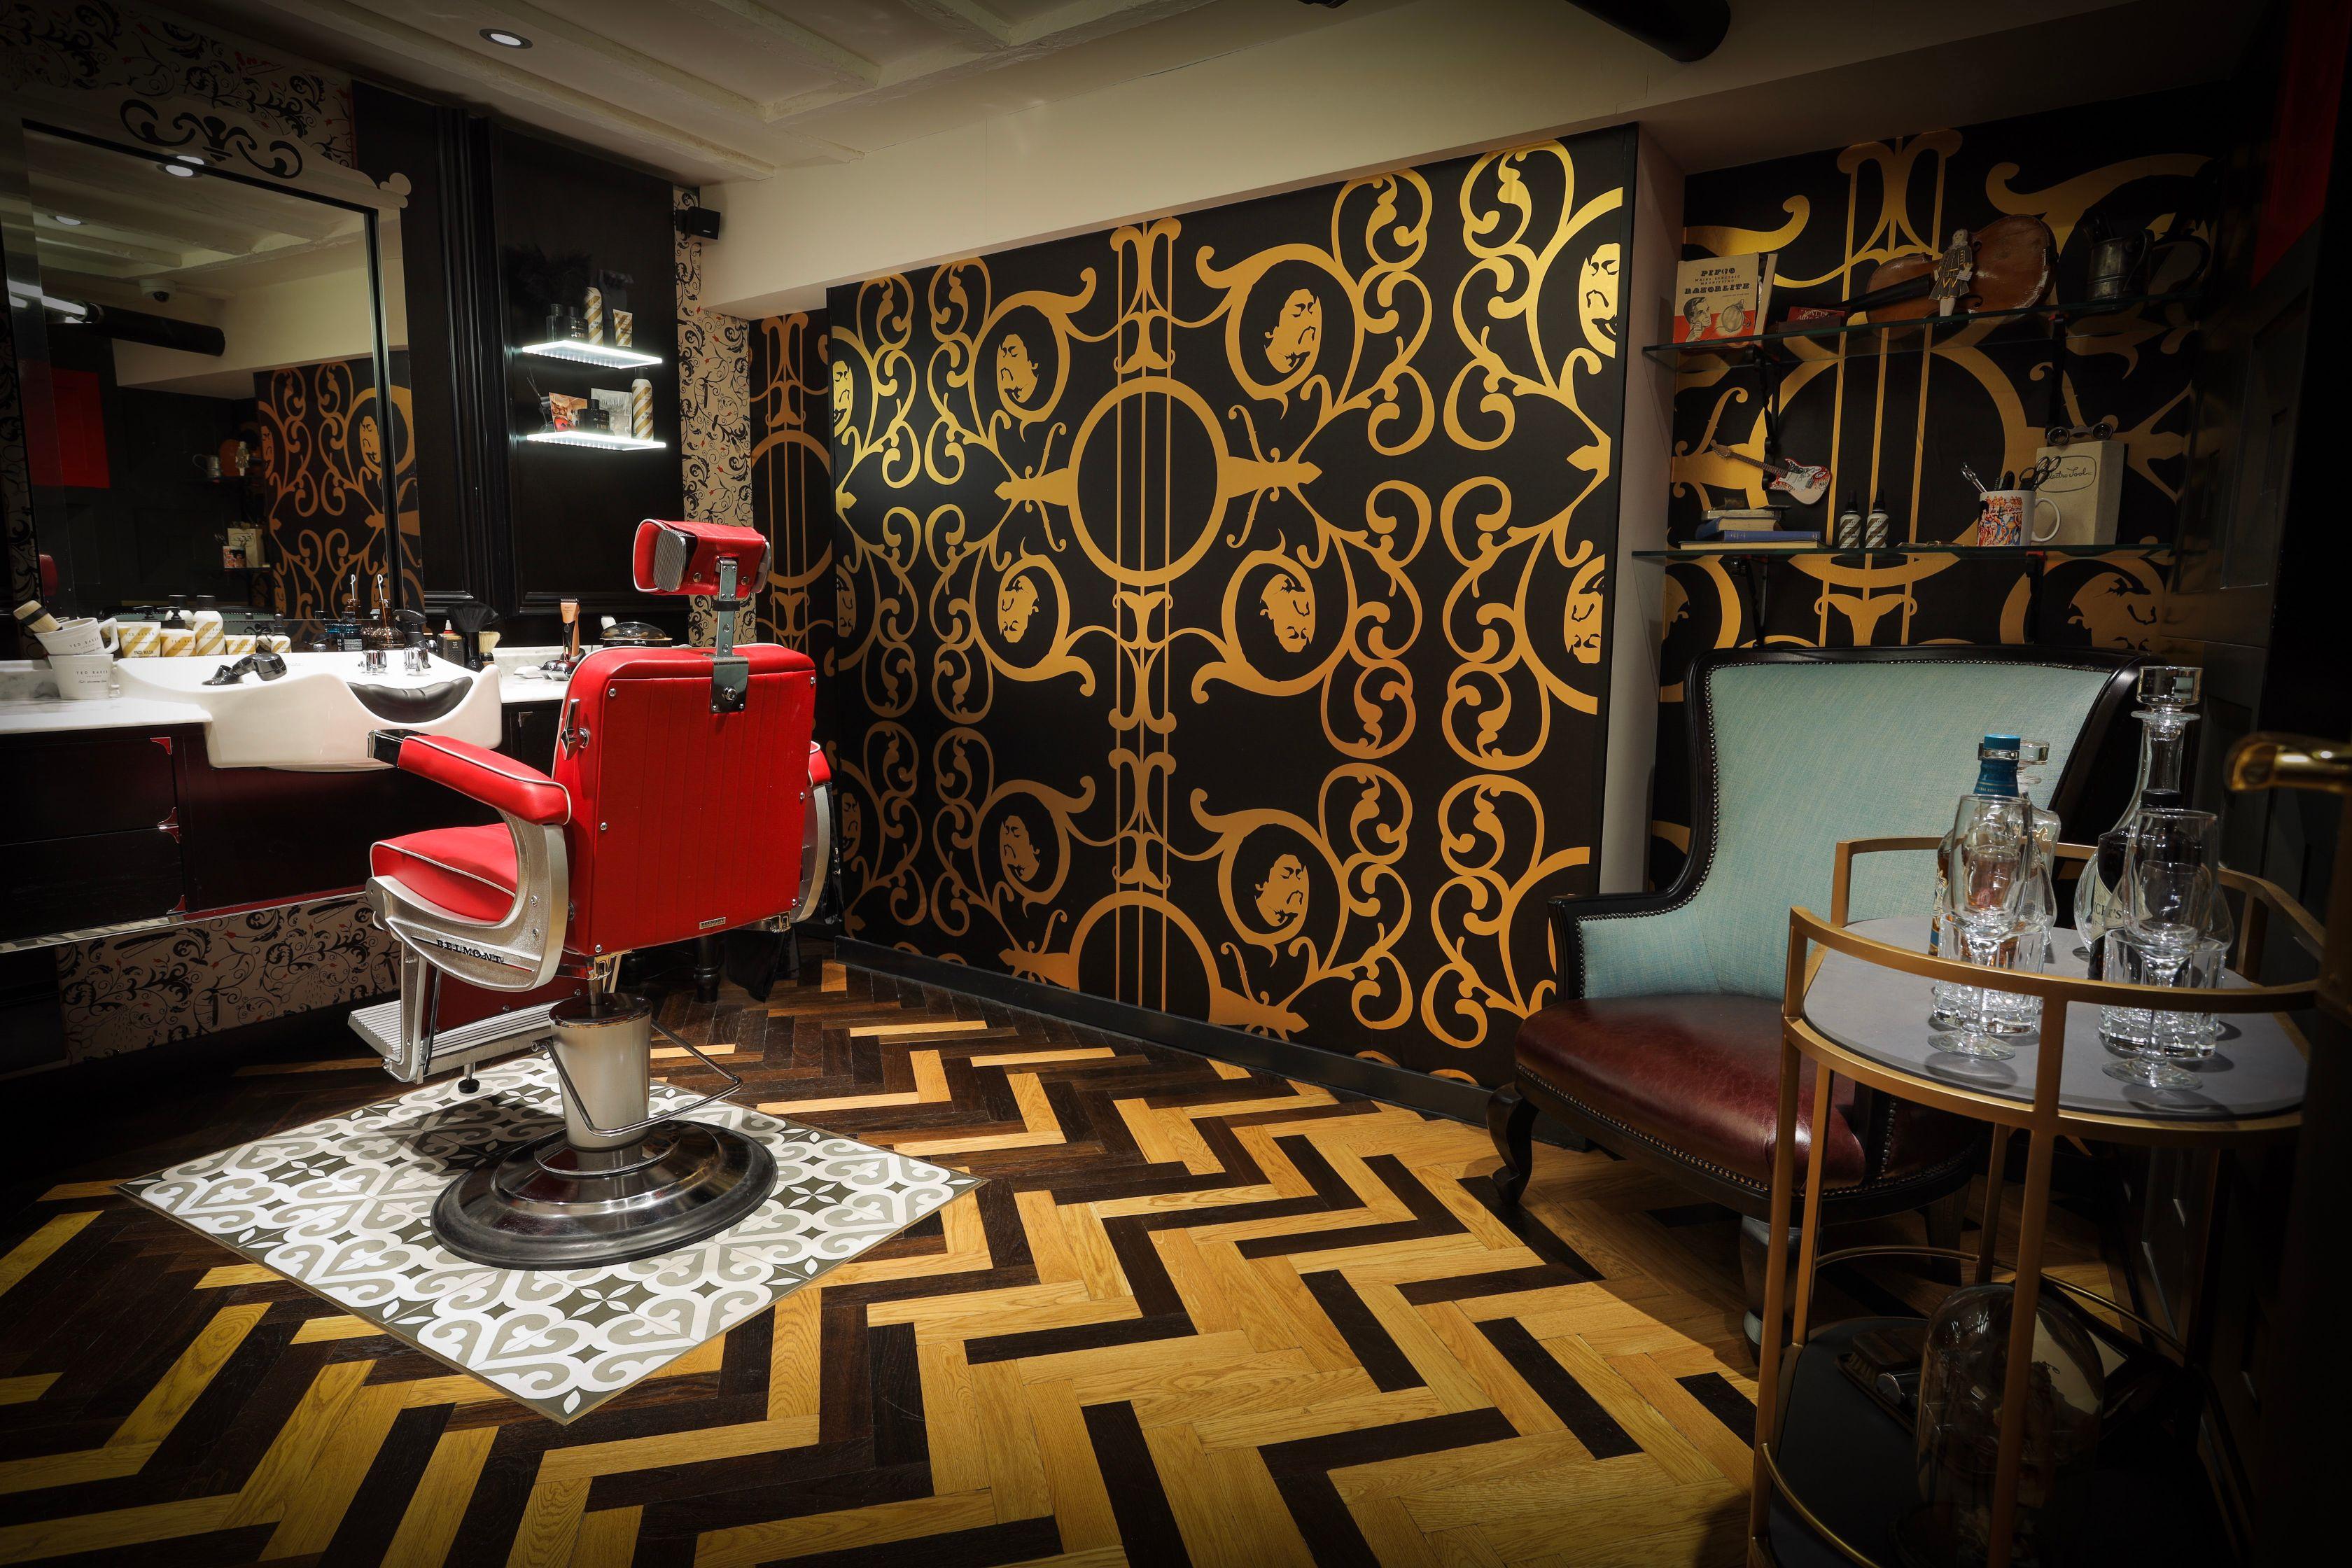 Ted's Grooming Room mayfair